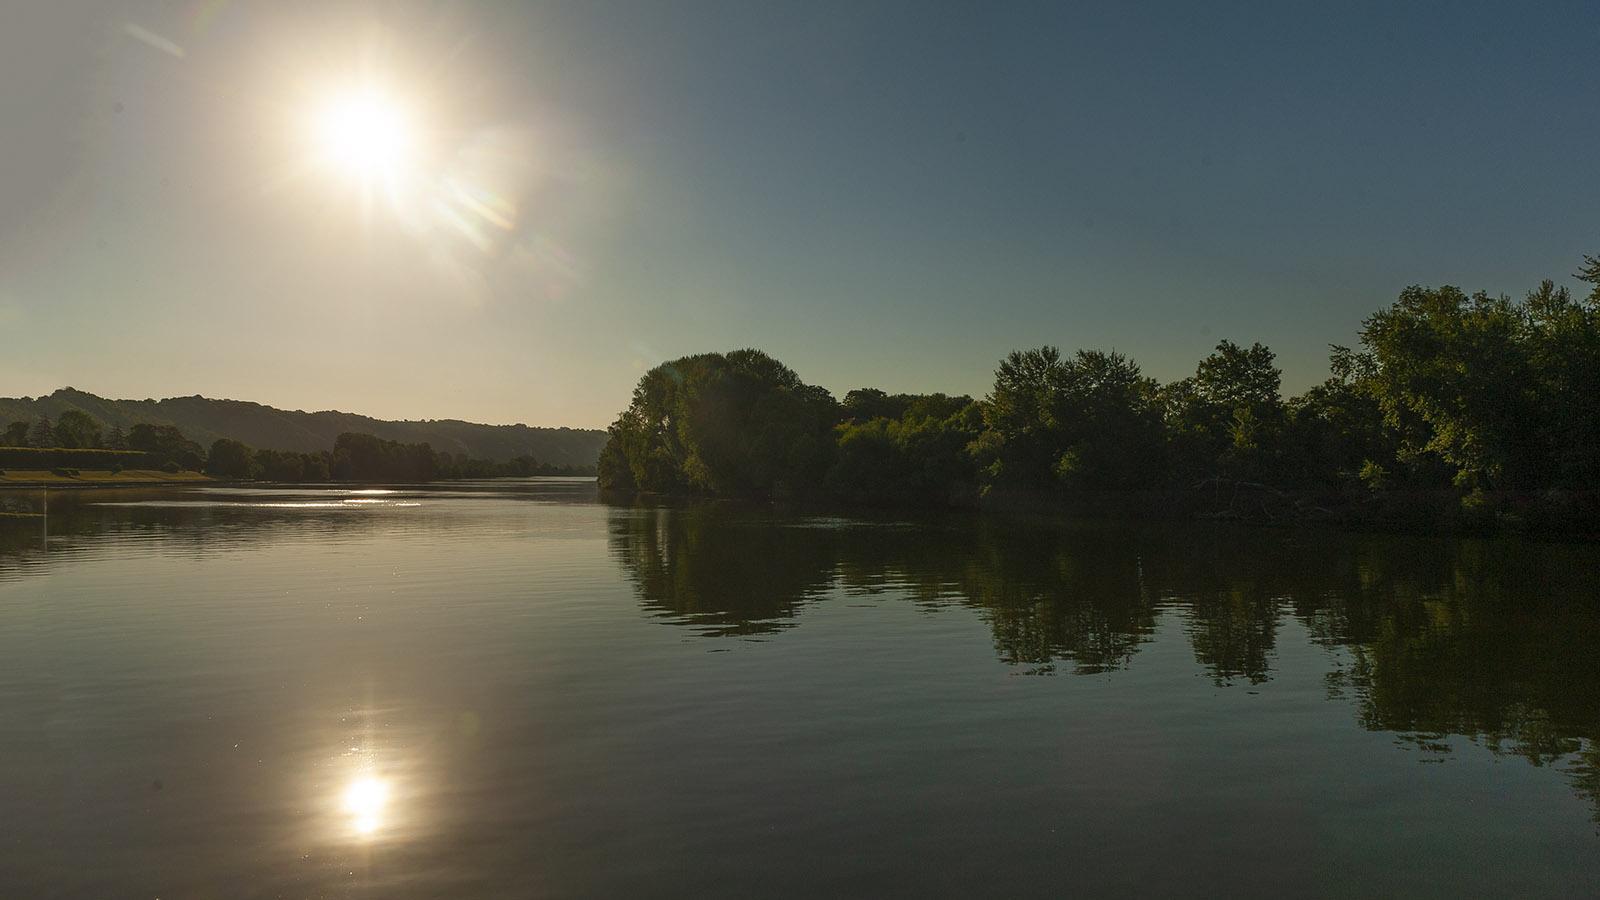 Seine-Comtesse-Törn: Die Seine zwischen Orival und Rouen am frühen Abend. Foto: Hilke Maunder